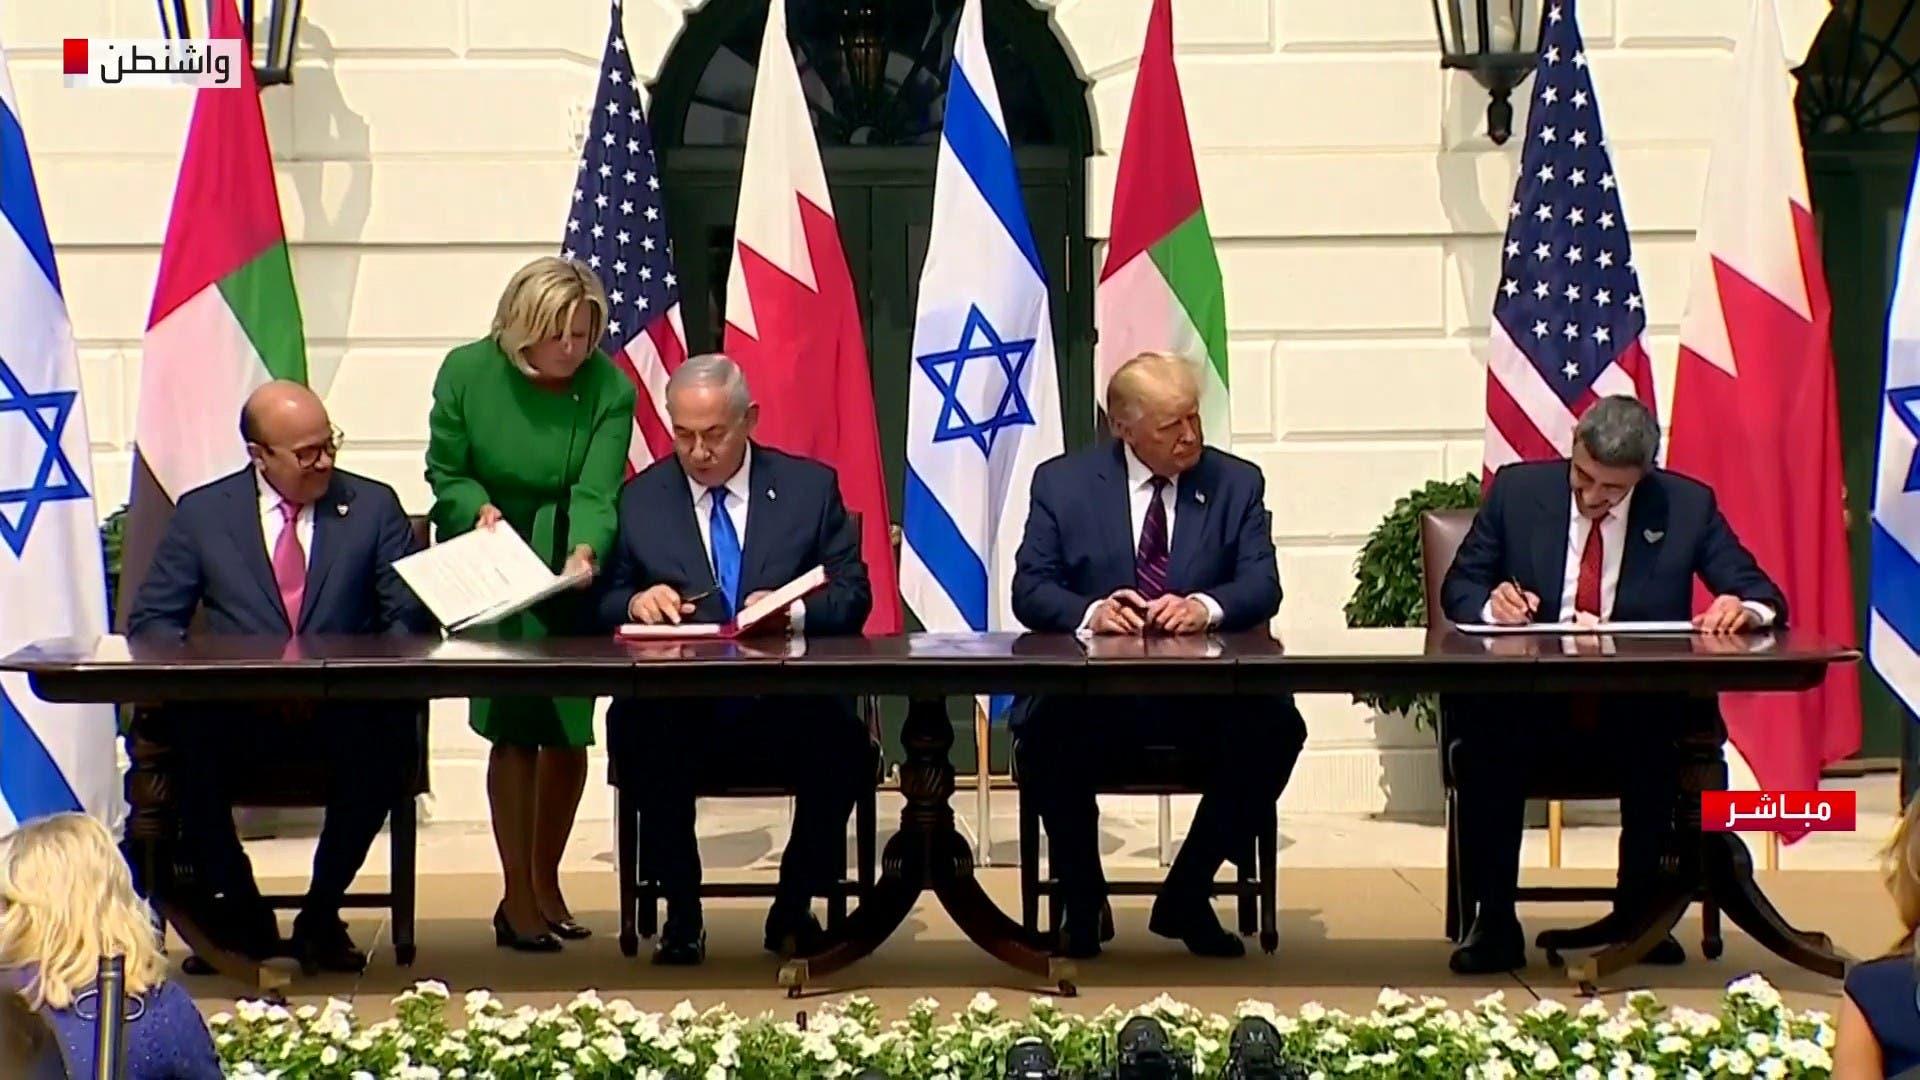 لحظة توقيع الاتفاق بين إسرائيل والإمارات و البحرين برعاية أميركية